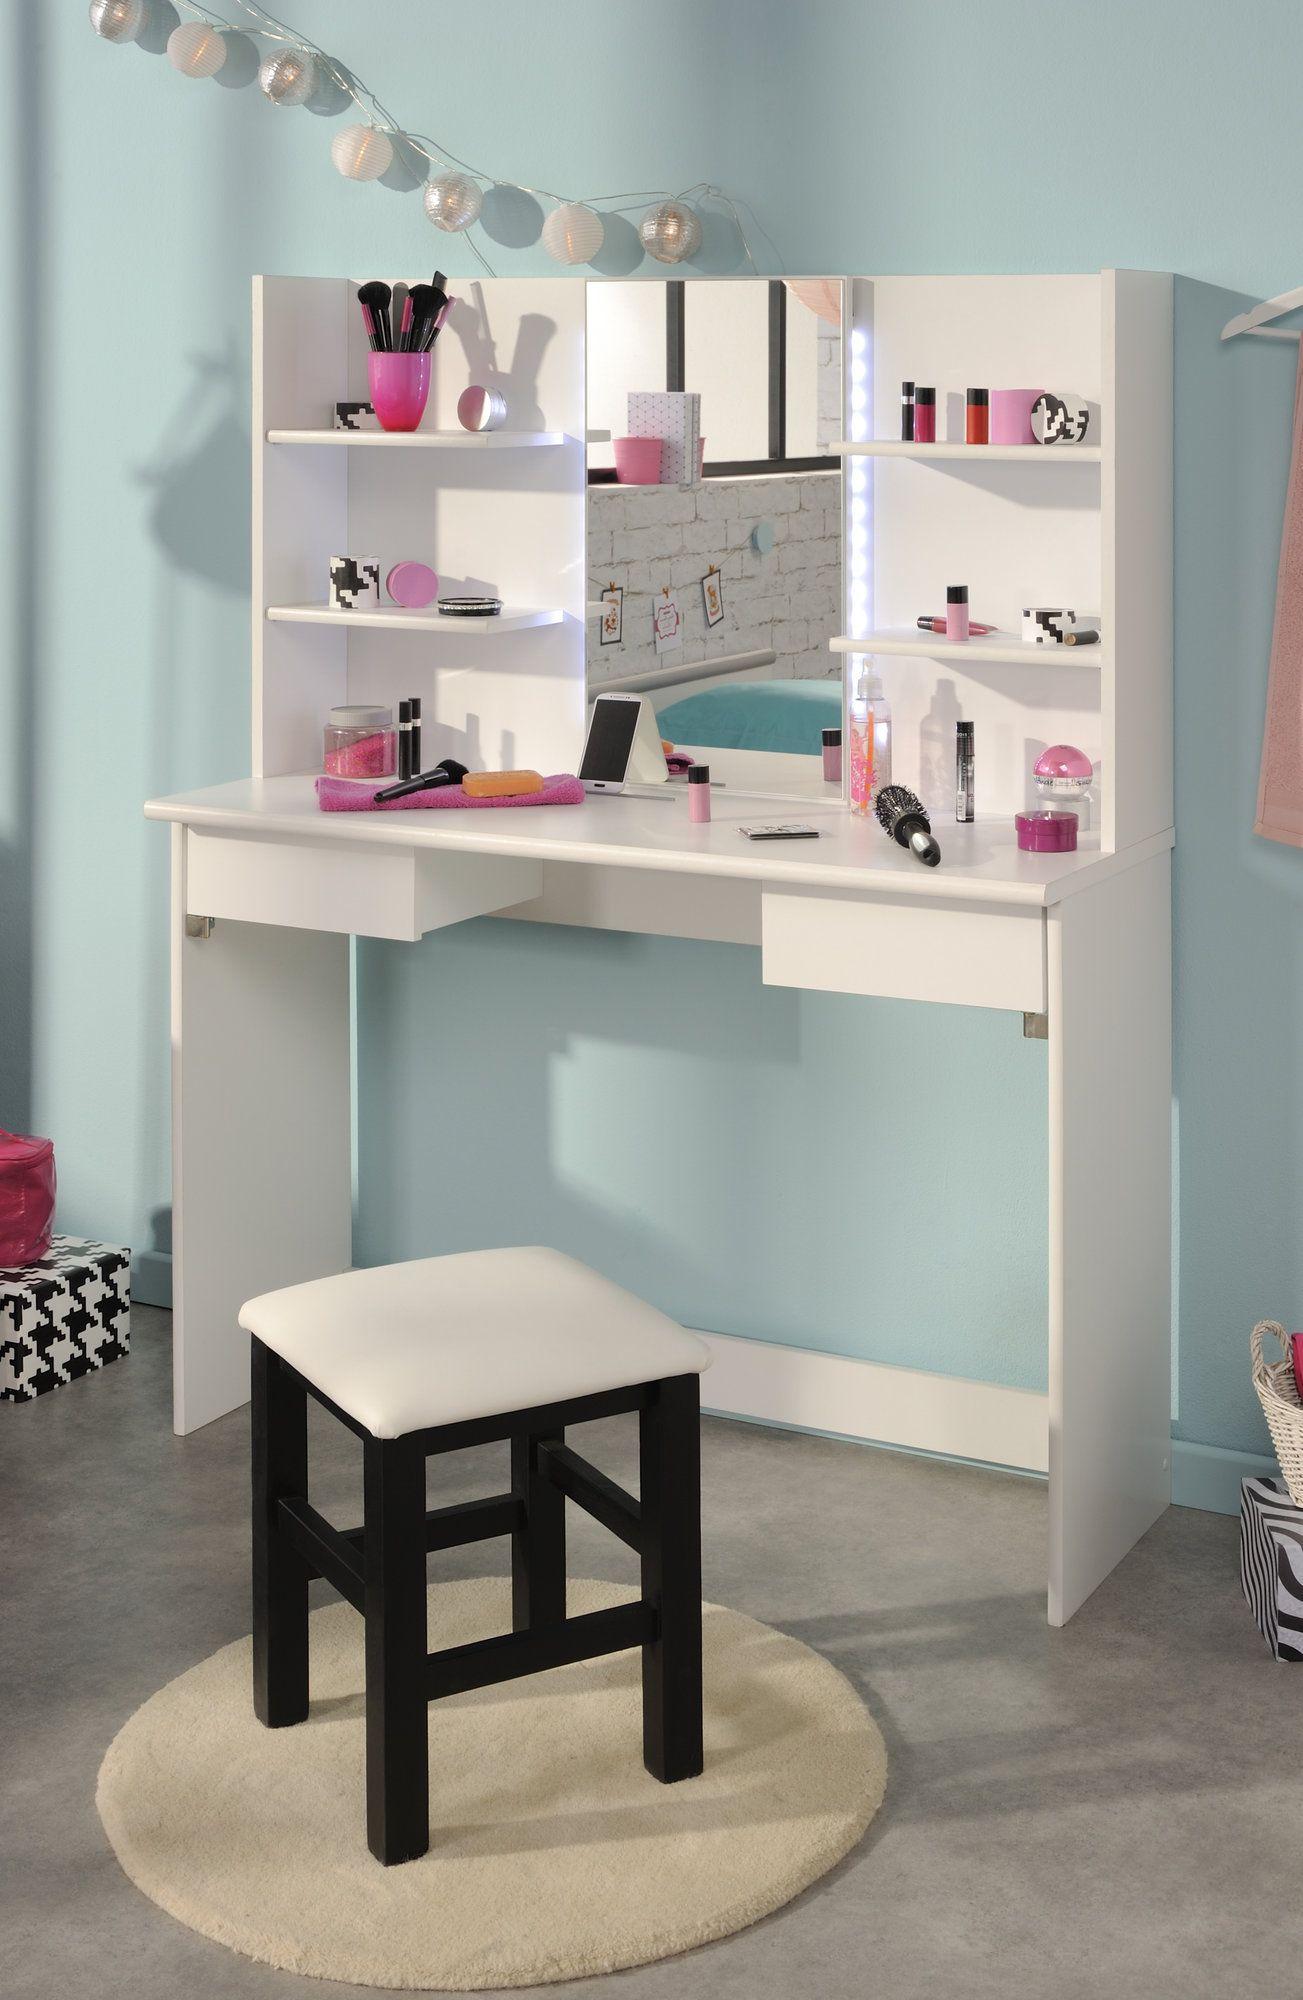 Sitty vanity stool zimmerideen pinterest vanity stool stools